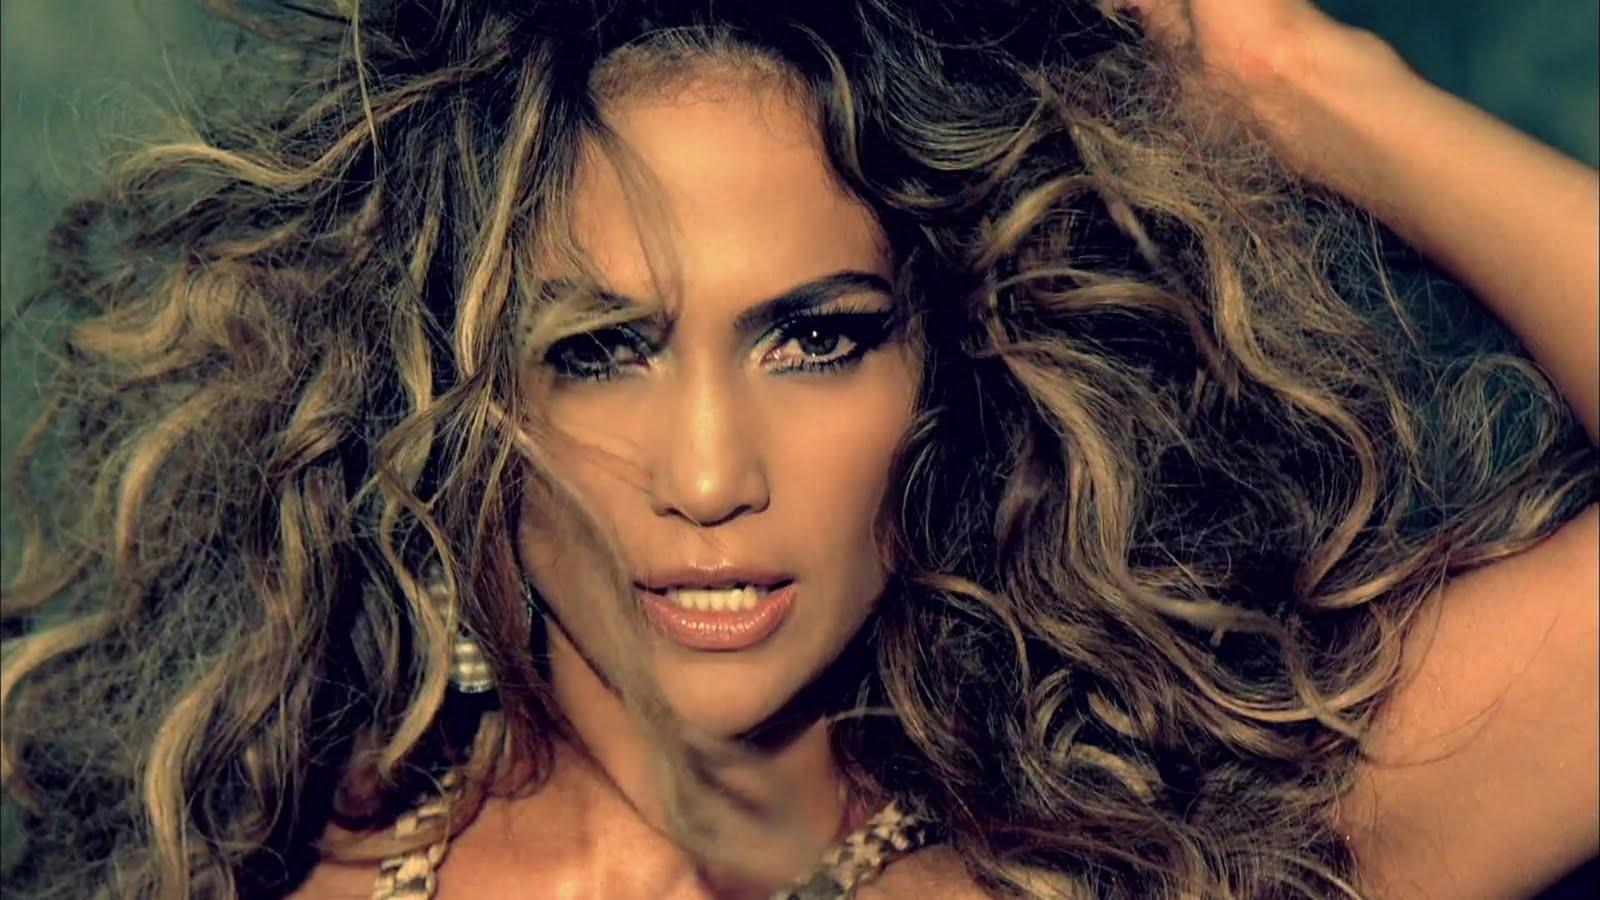 http://2.bp.blogspot.com/-Dz3KO9fUo_o/TfgI8FXq6fI/AAAAAAAADFQ/pRZk5-pQIM8/s1600/Jennifer+Lopez+-+I_m+Into+You+ft.+Lil+Wayne-mero.mp4_snapshot_01.42_%5B2011.05.04_22.06.00%5D.jpg